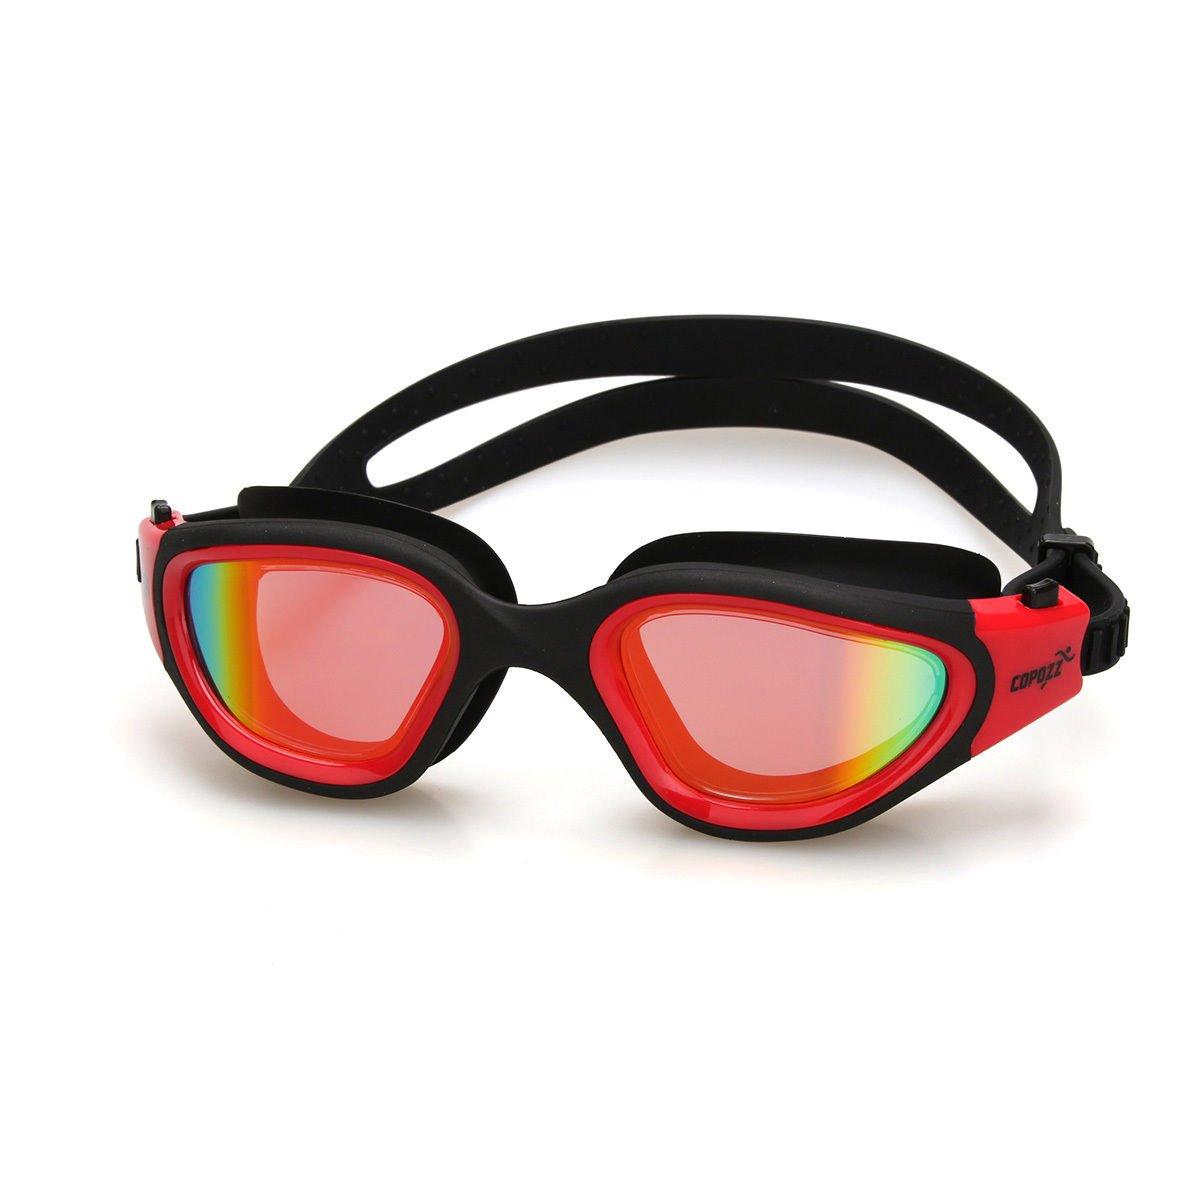 レッド水泳ゴーグルnon-fog Anit UV Wateproof Swim Goggleミラーメガネ